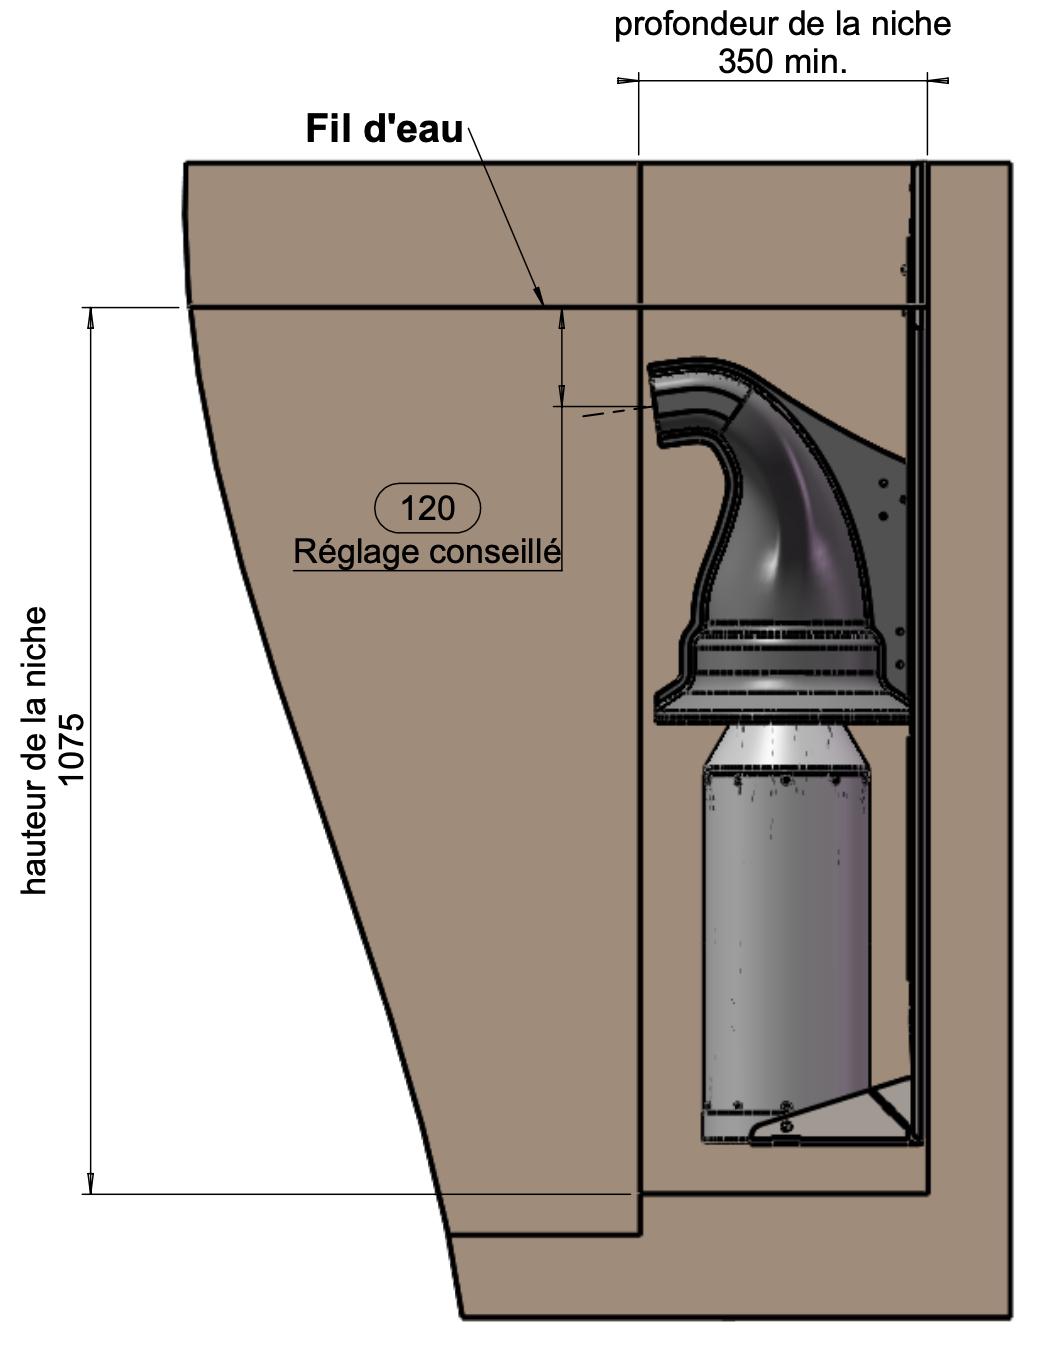 niche contre courant intégré